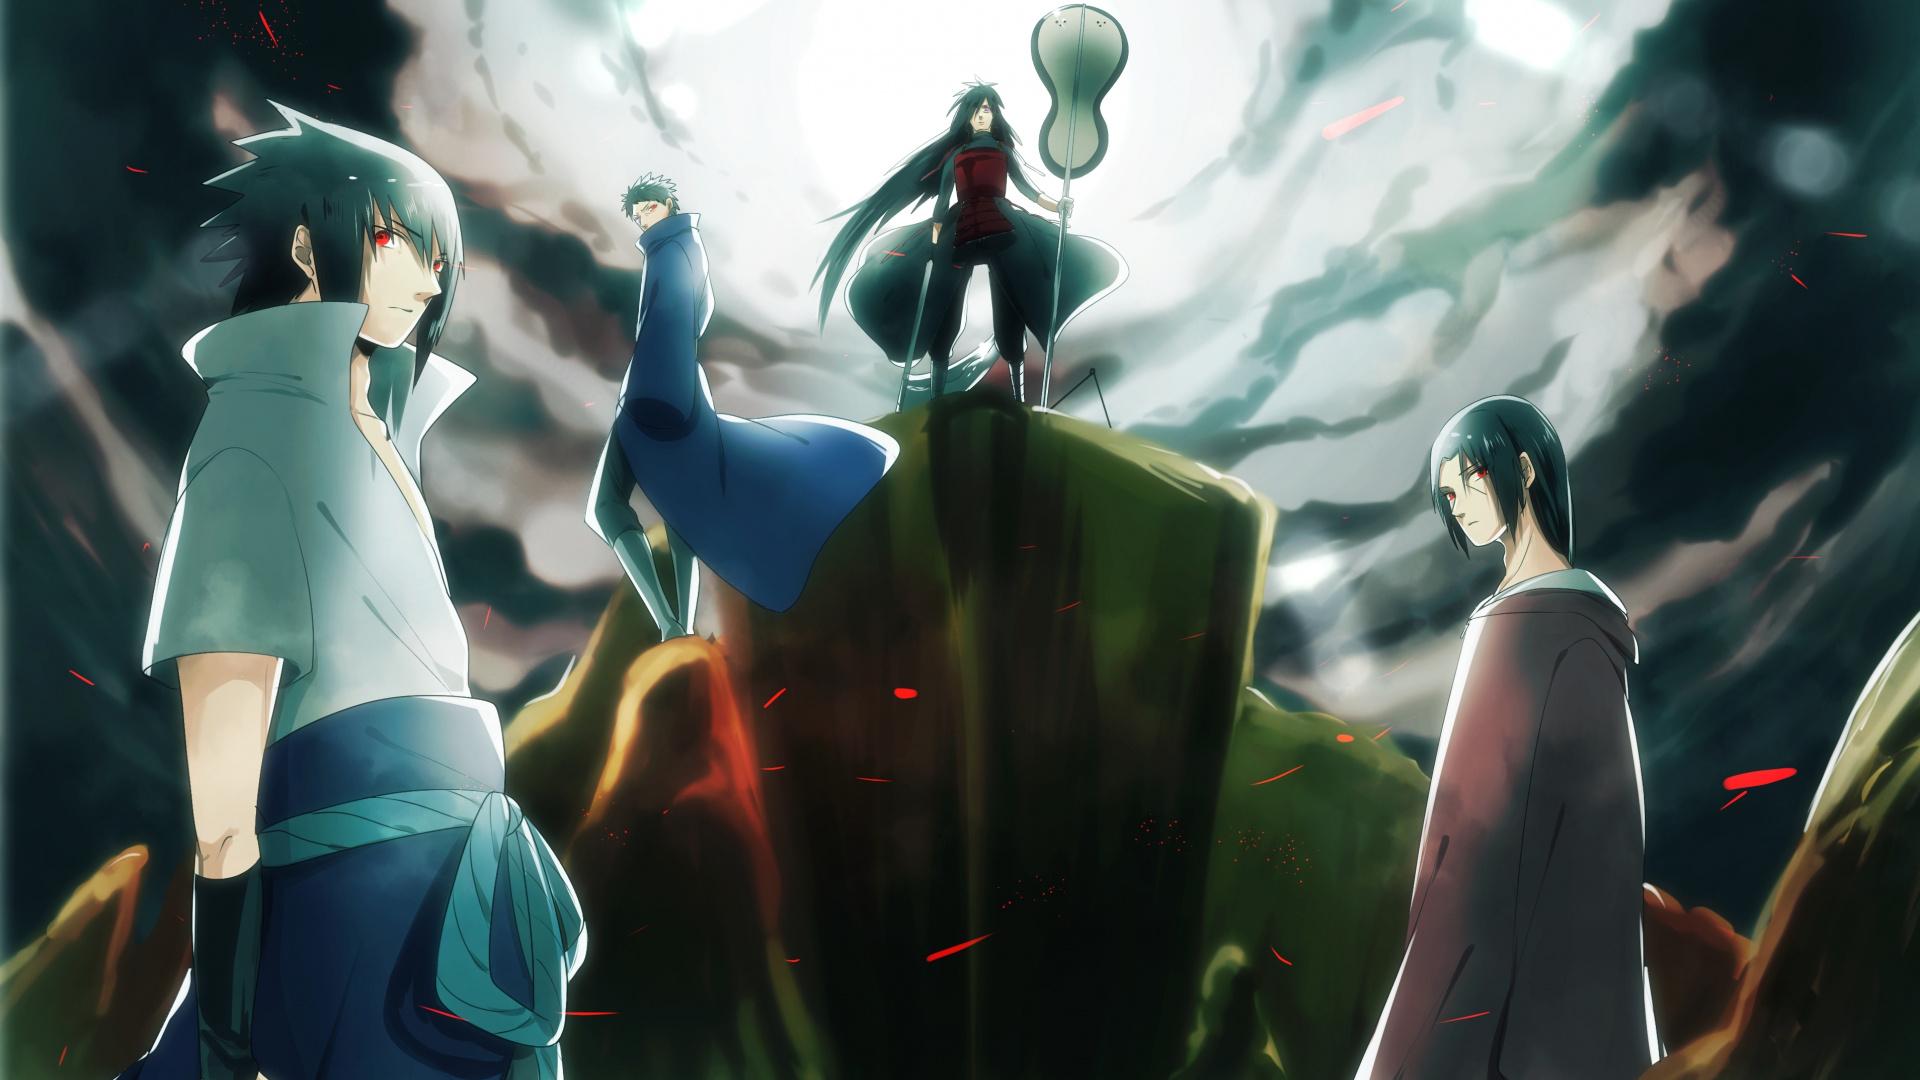 Wallpaper Naruto Sasuke Madara Uchiha Clan Itachi Obito - Sasuke And Itachi - HD Wallpaper